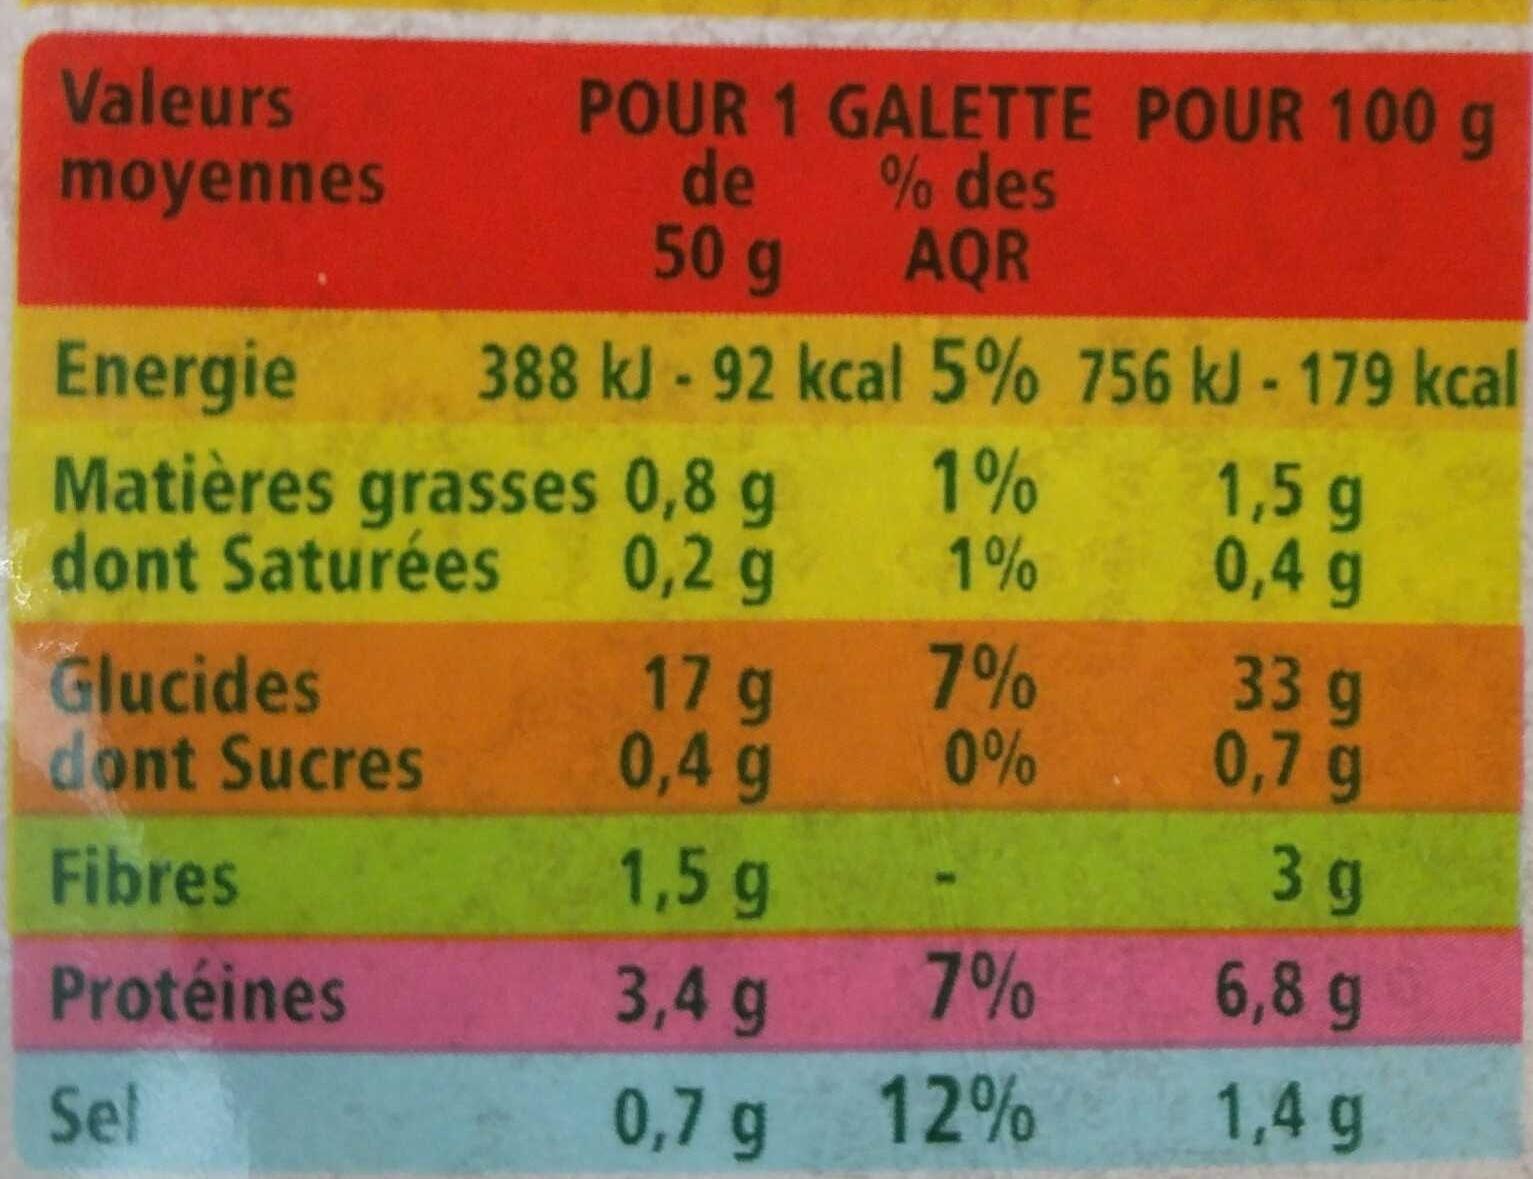 4 galettes de blé noir BIO - Informations nutritionnelles - fr